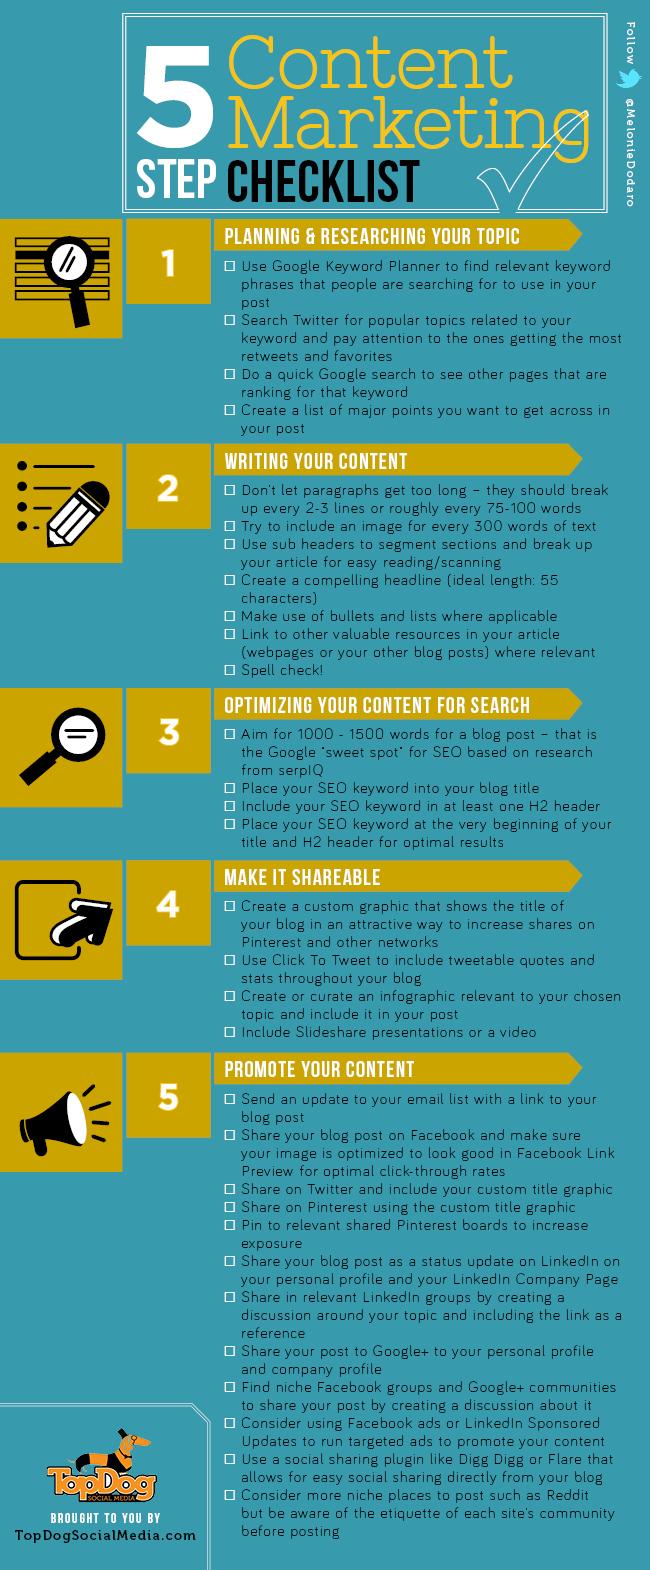 5 Step Content Marketing Checklist